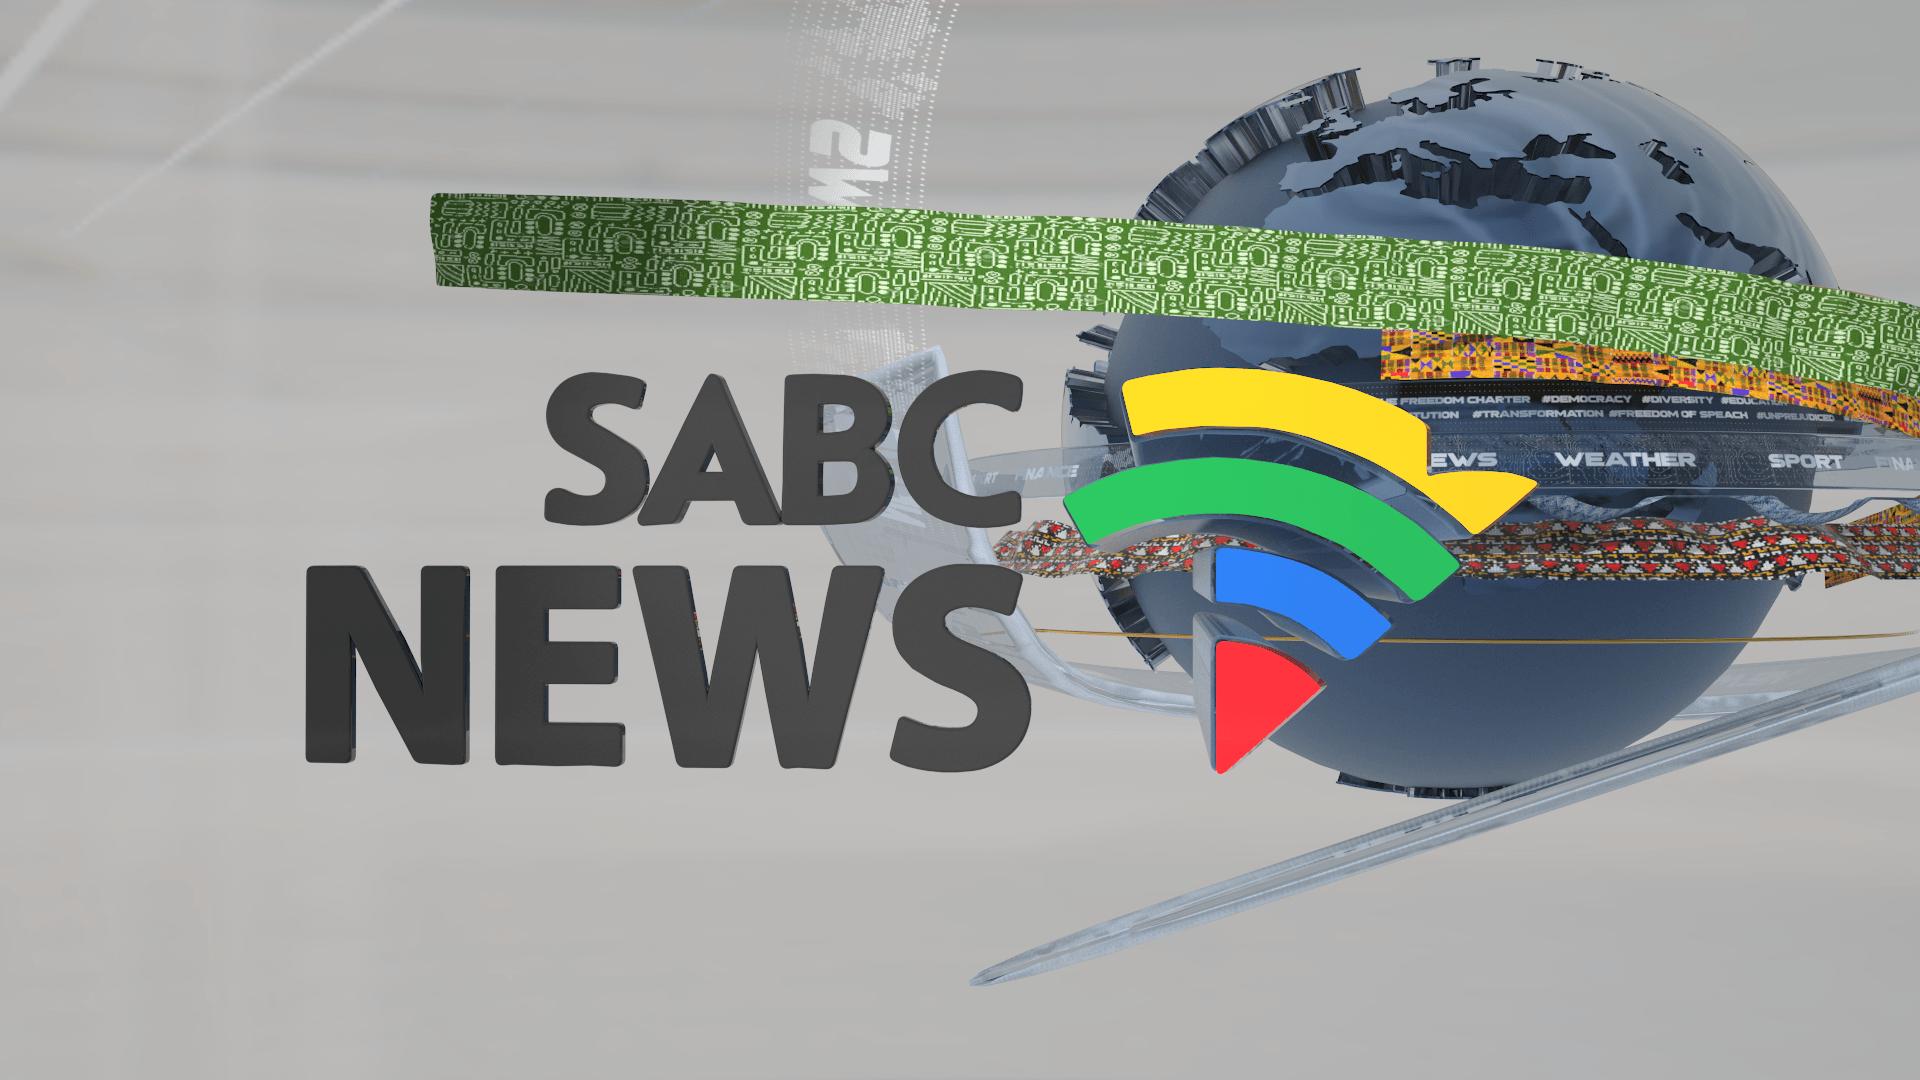 SABC NEWS_Comp_SABC NEWS TEST0097_best_2018-05-08_11.08.56